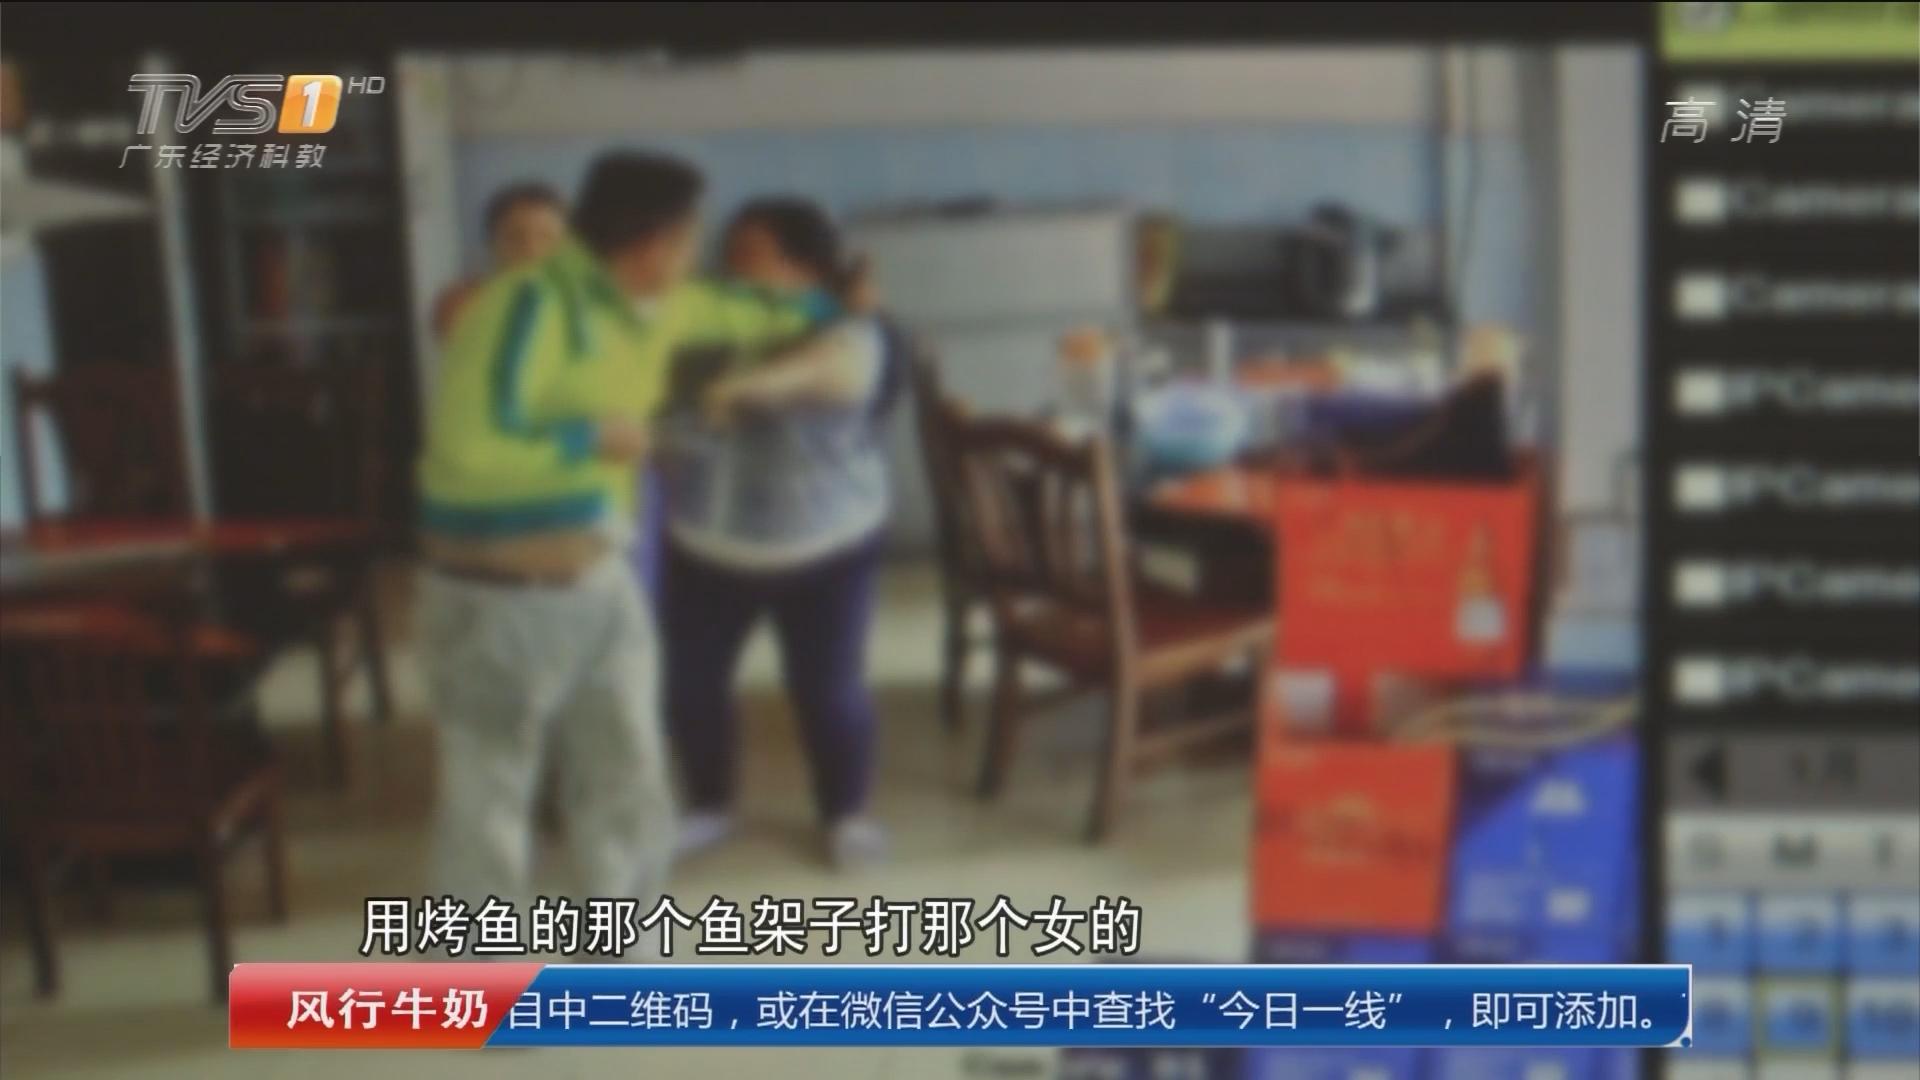 广州市白云区:男子刀砍女店员逃逸 当晚落网